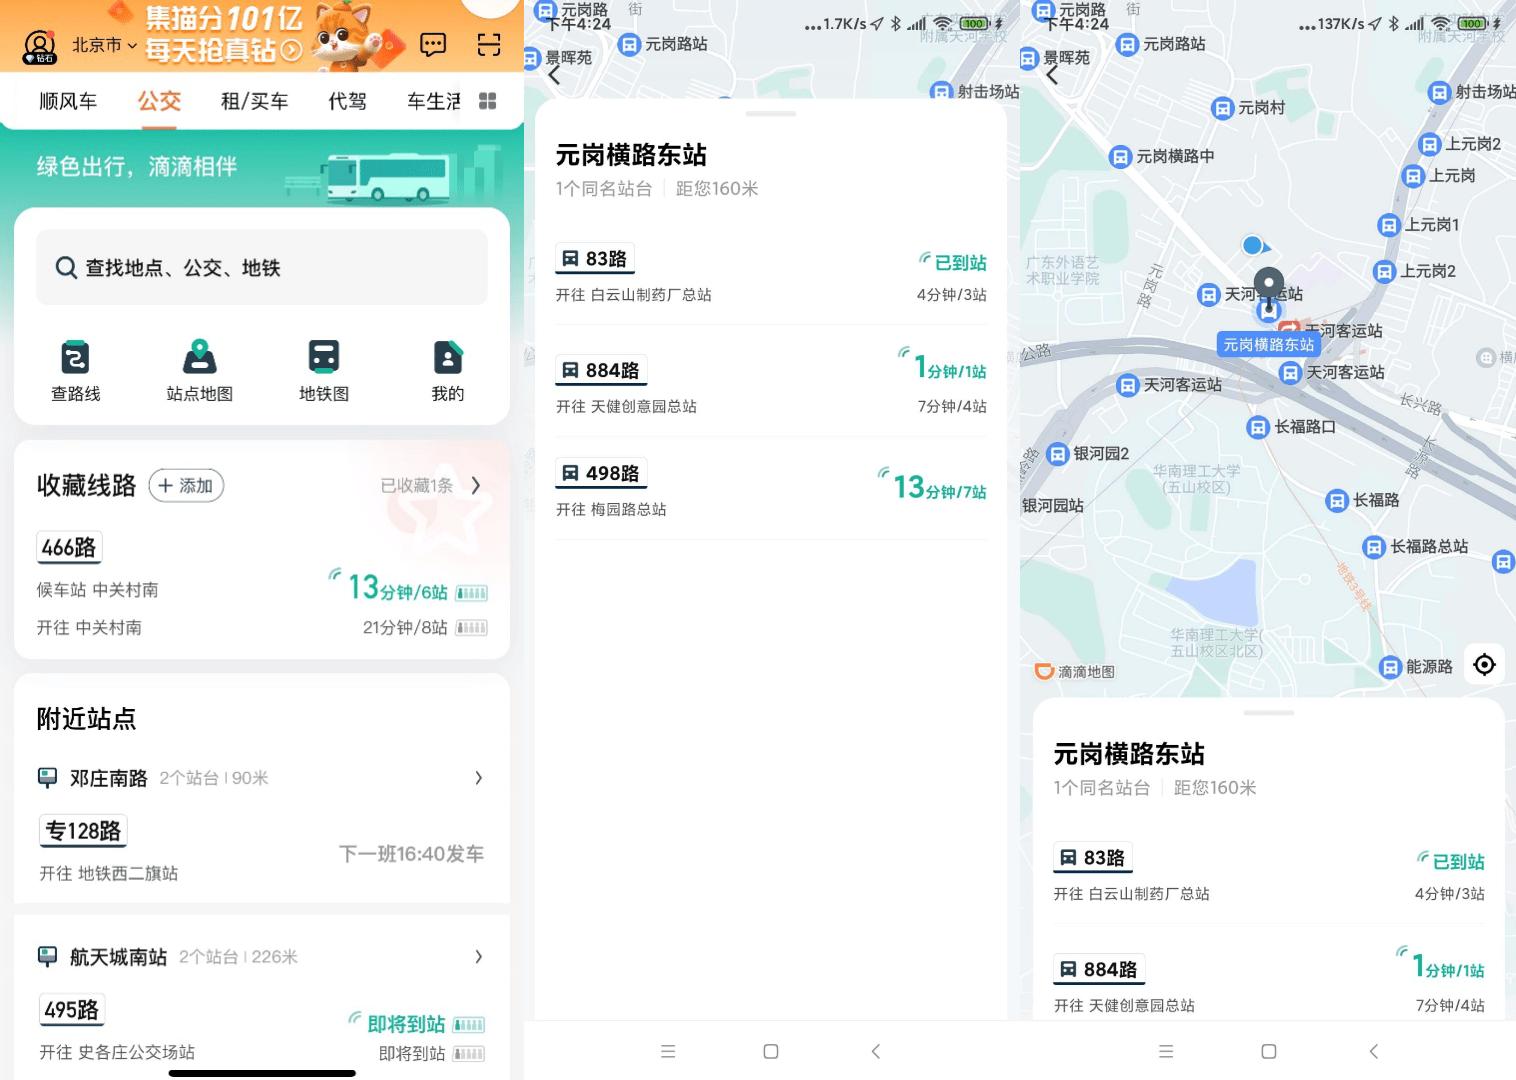 滴滴发力地图了!个人导航业务正式上线,实时公交覆盖80余城